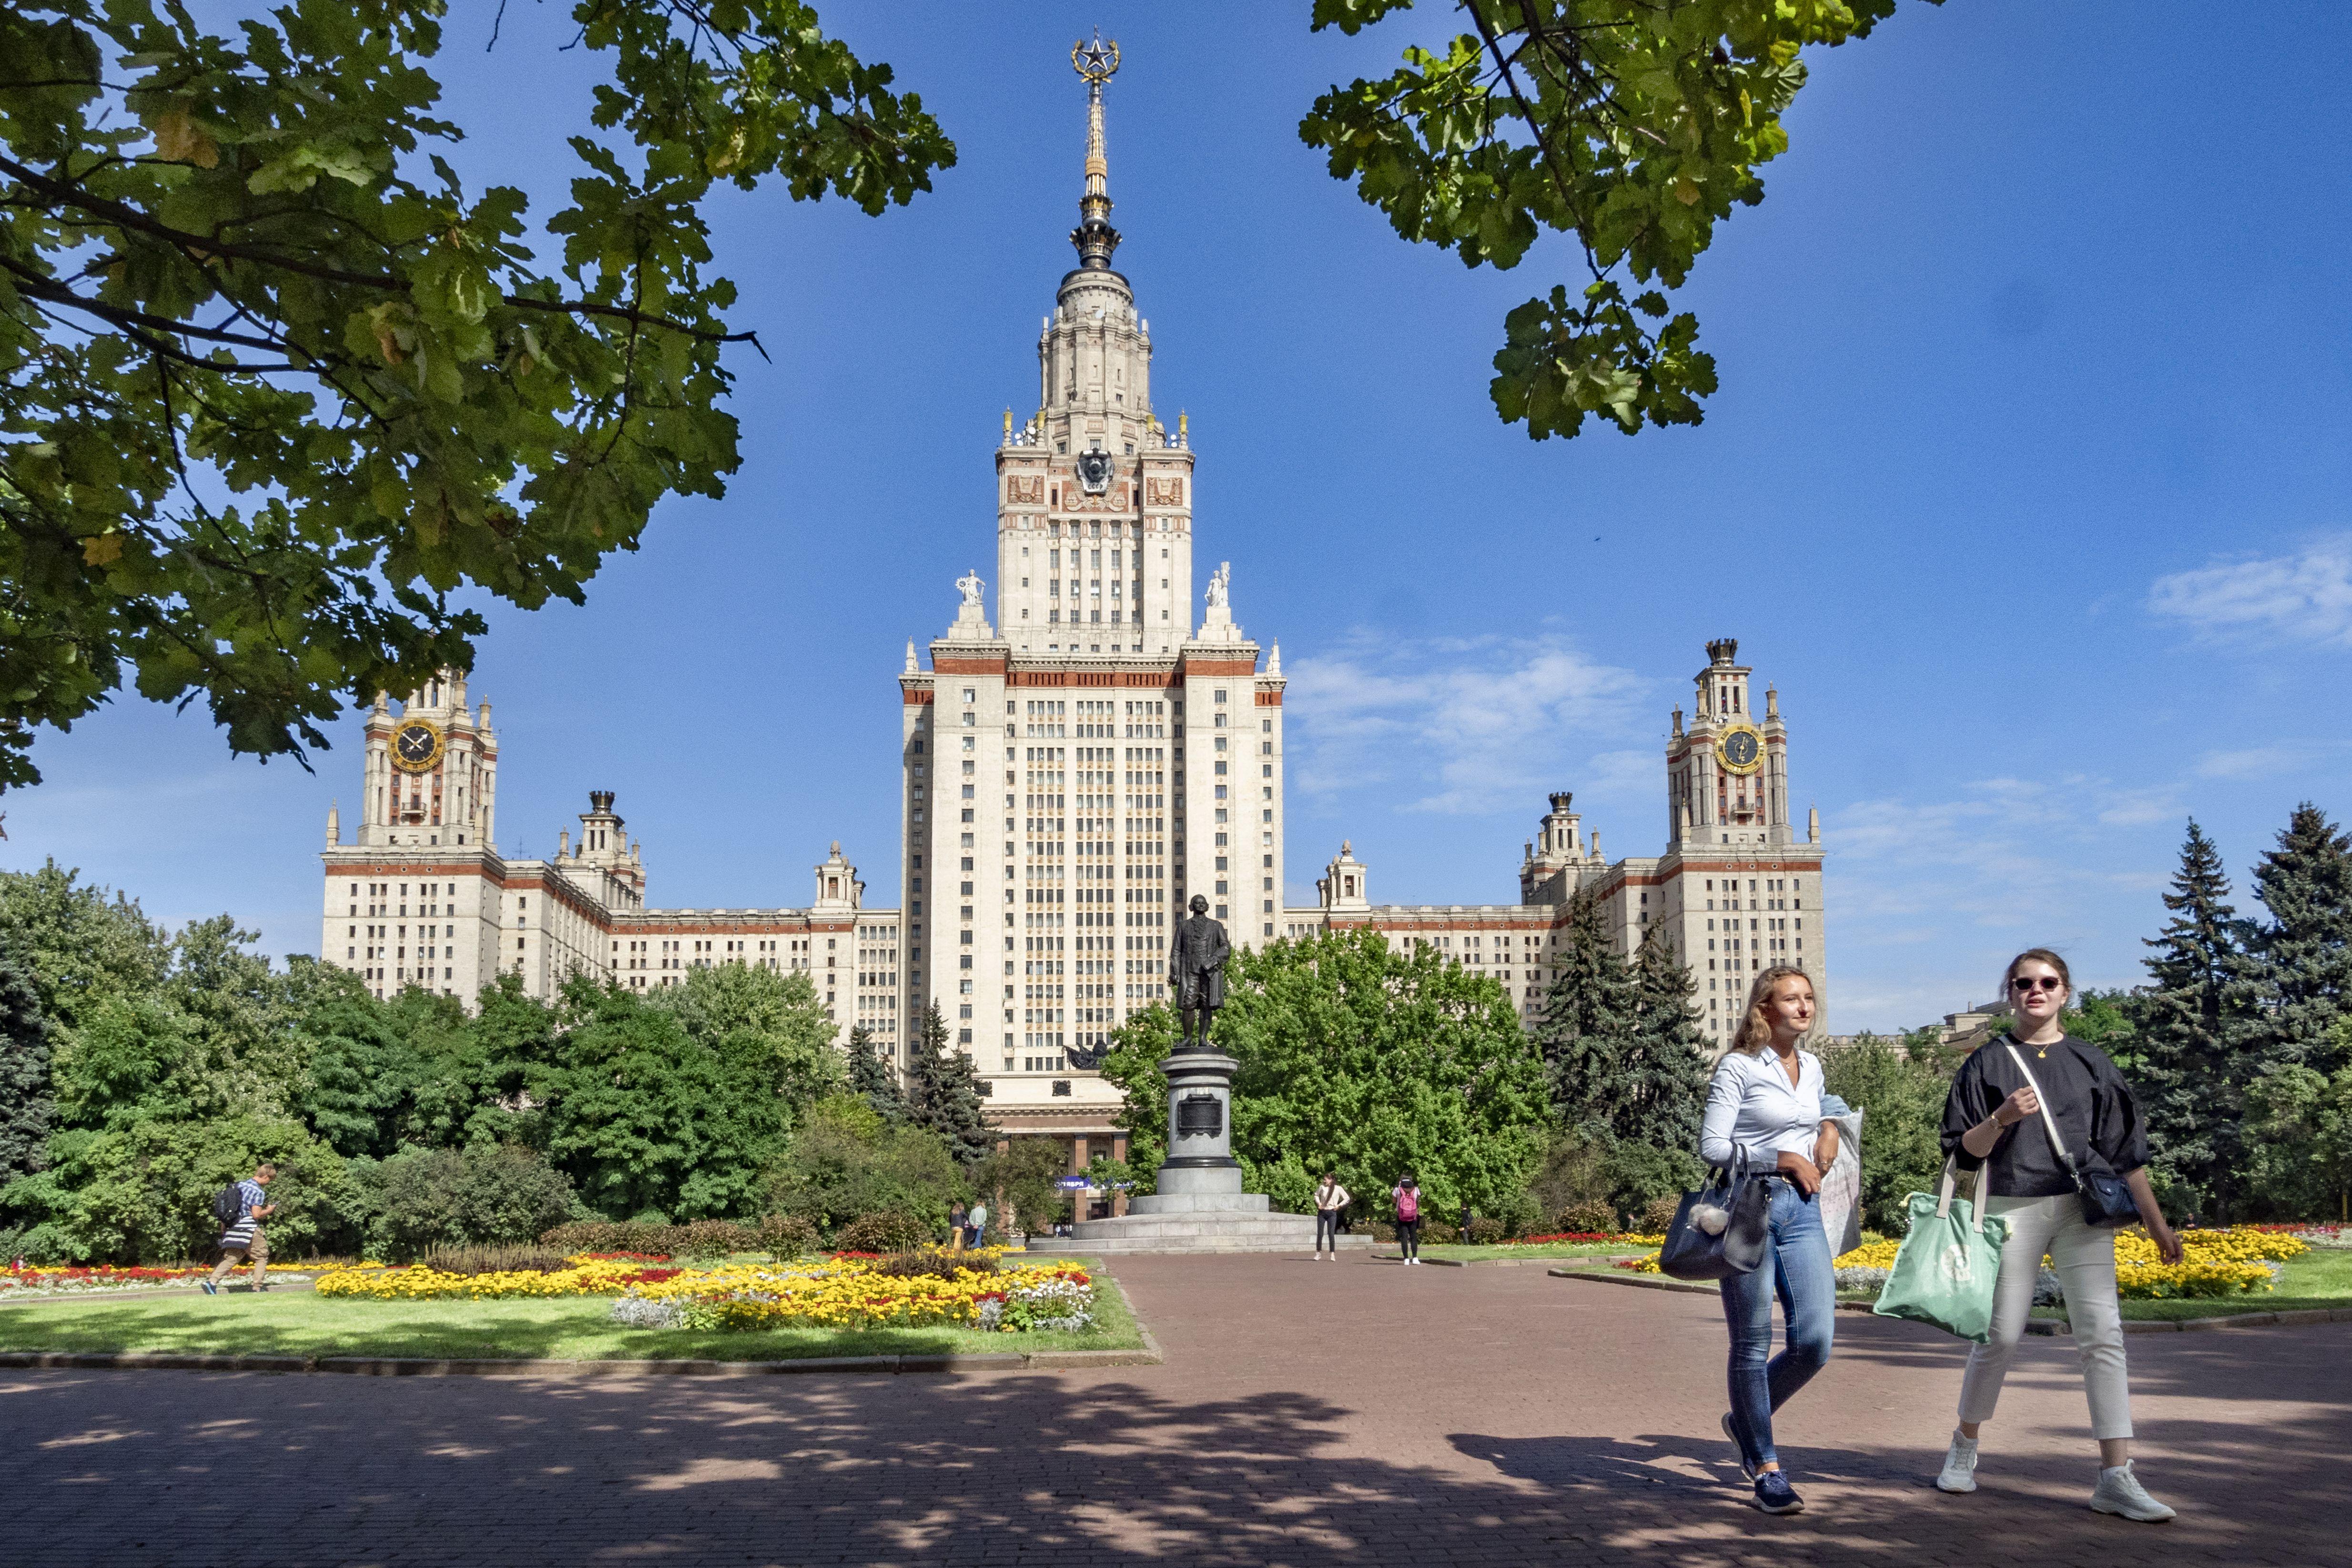 60 российских ВУЗов вошли в мировой рейтинг учебных заведений